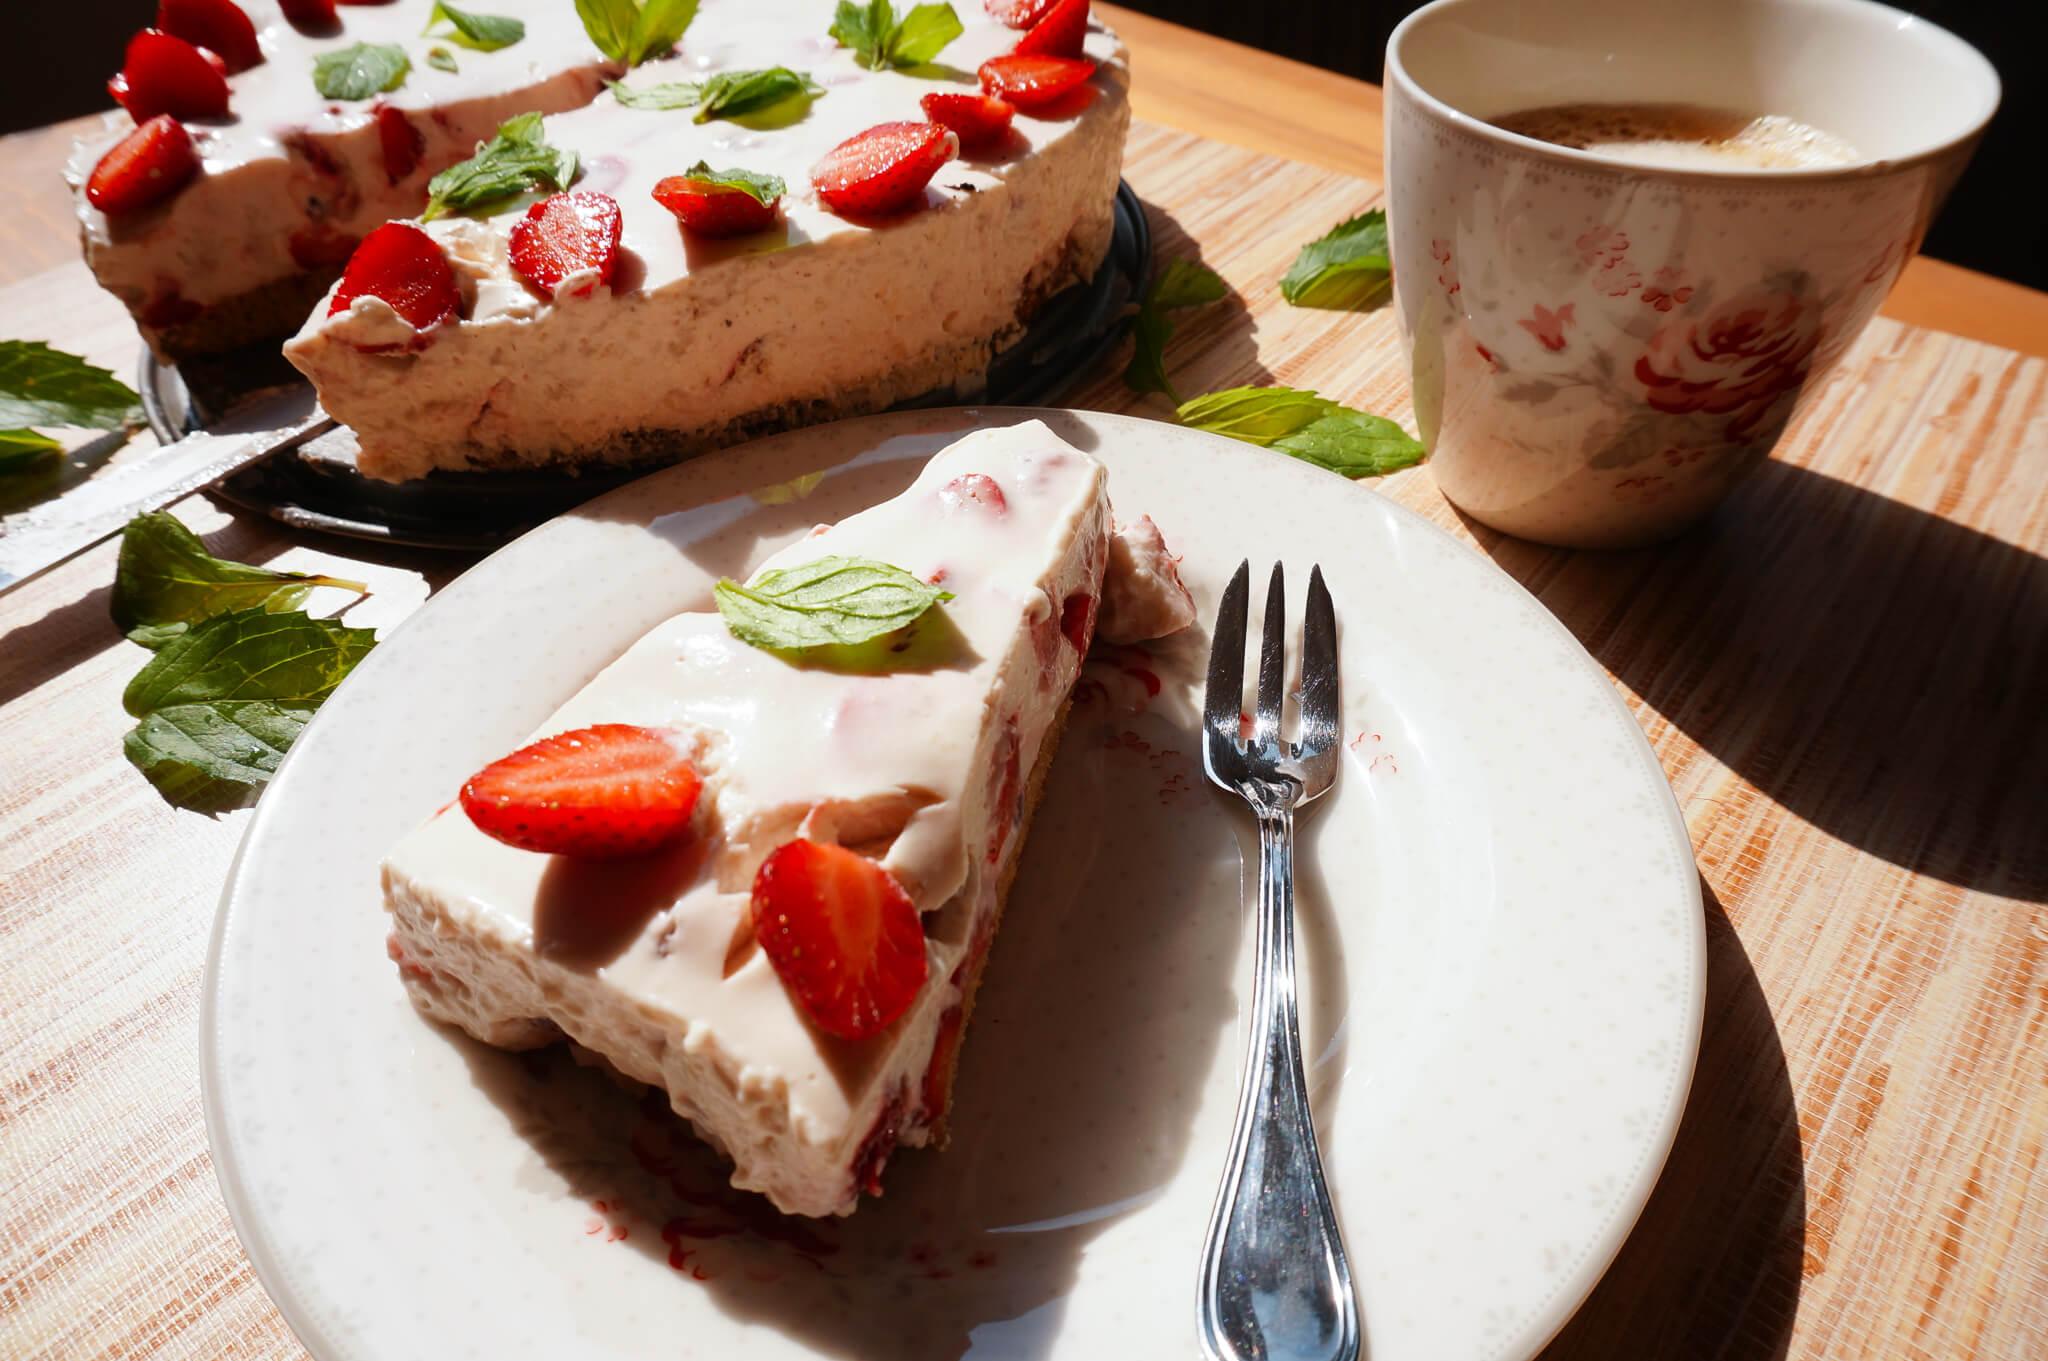 Panista_Blog_Rezepte_Glutenfreier Erdbeer-Quark Kuchen